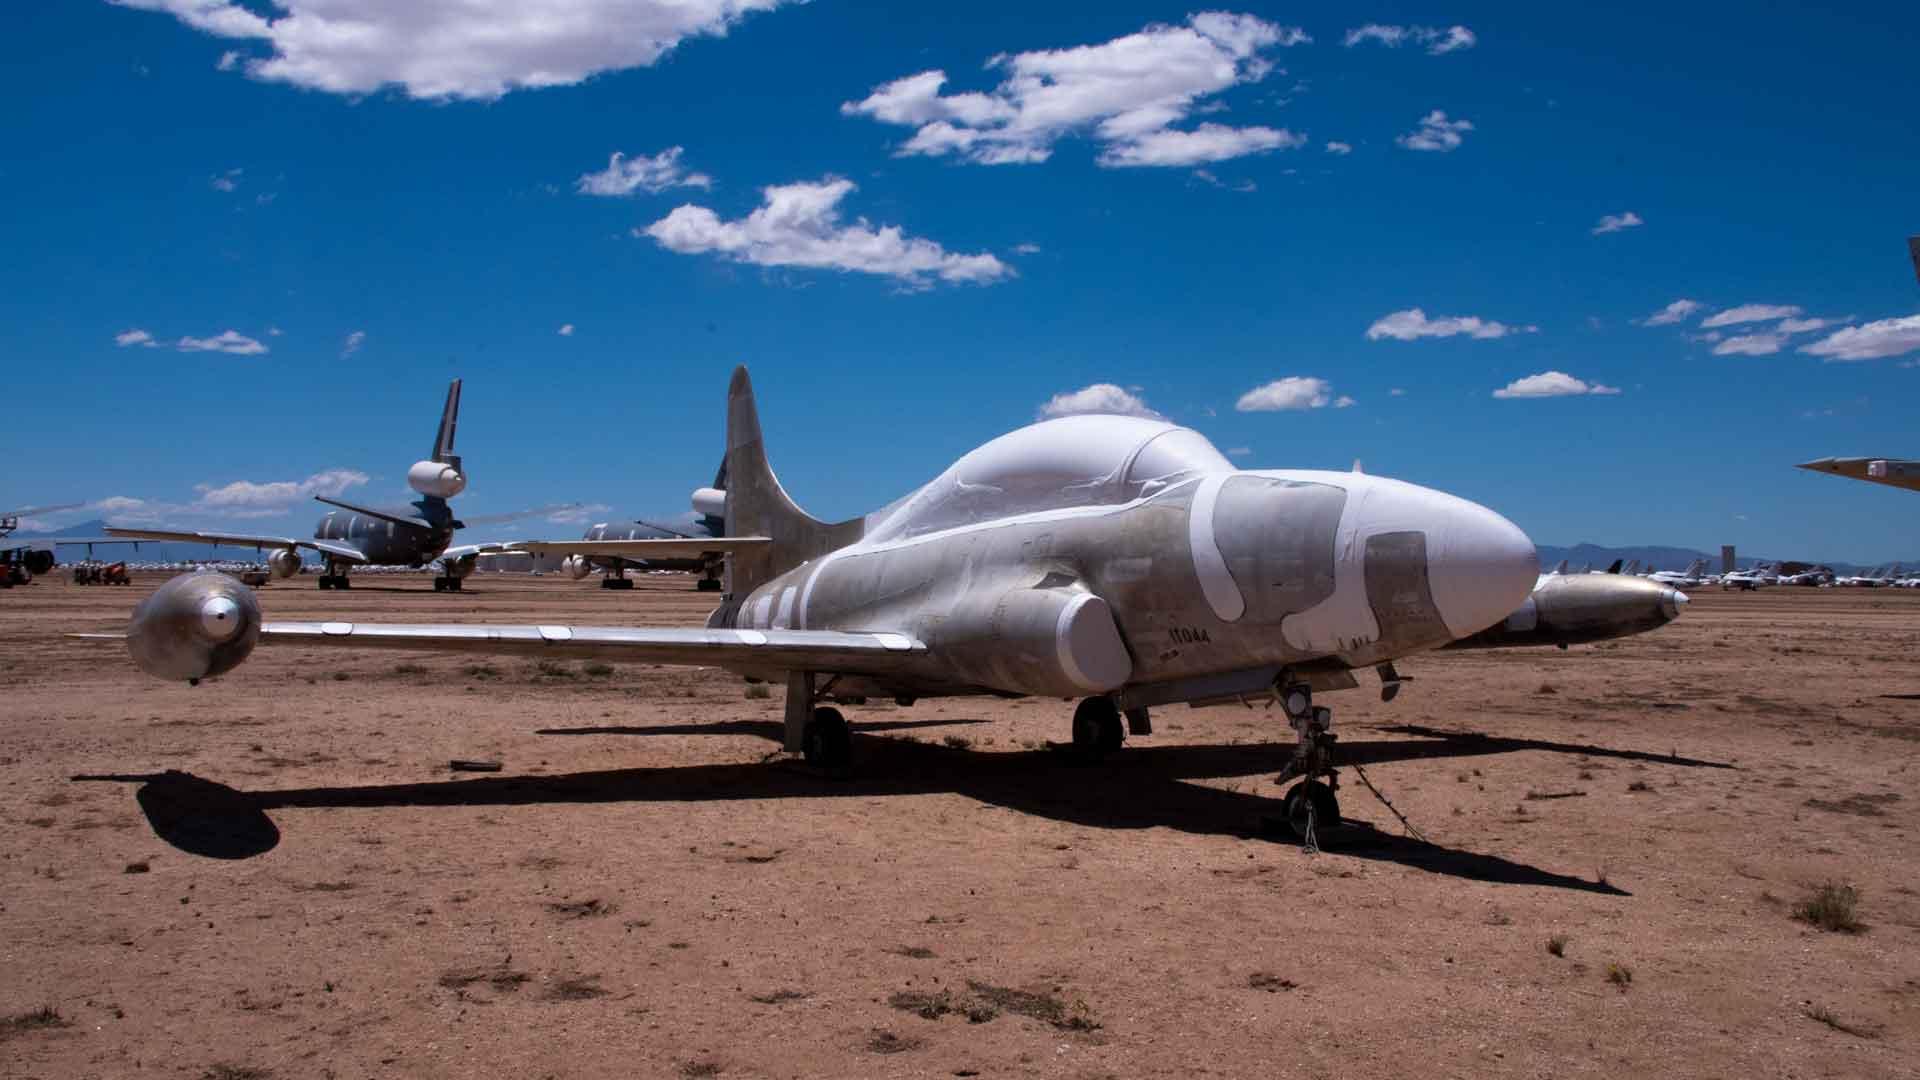 Longest plane at AMARG HERO